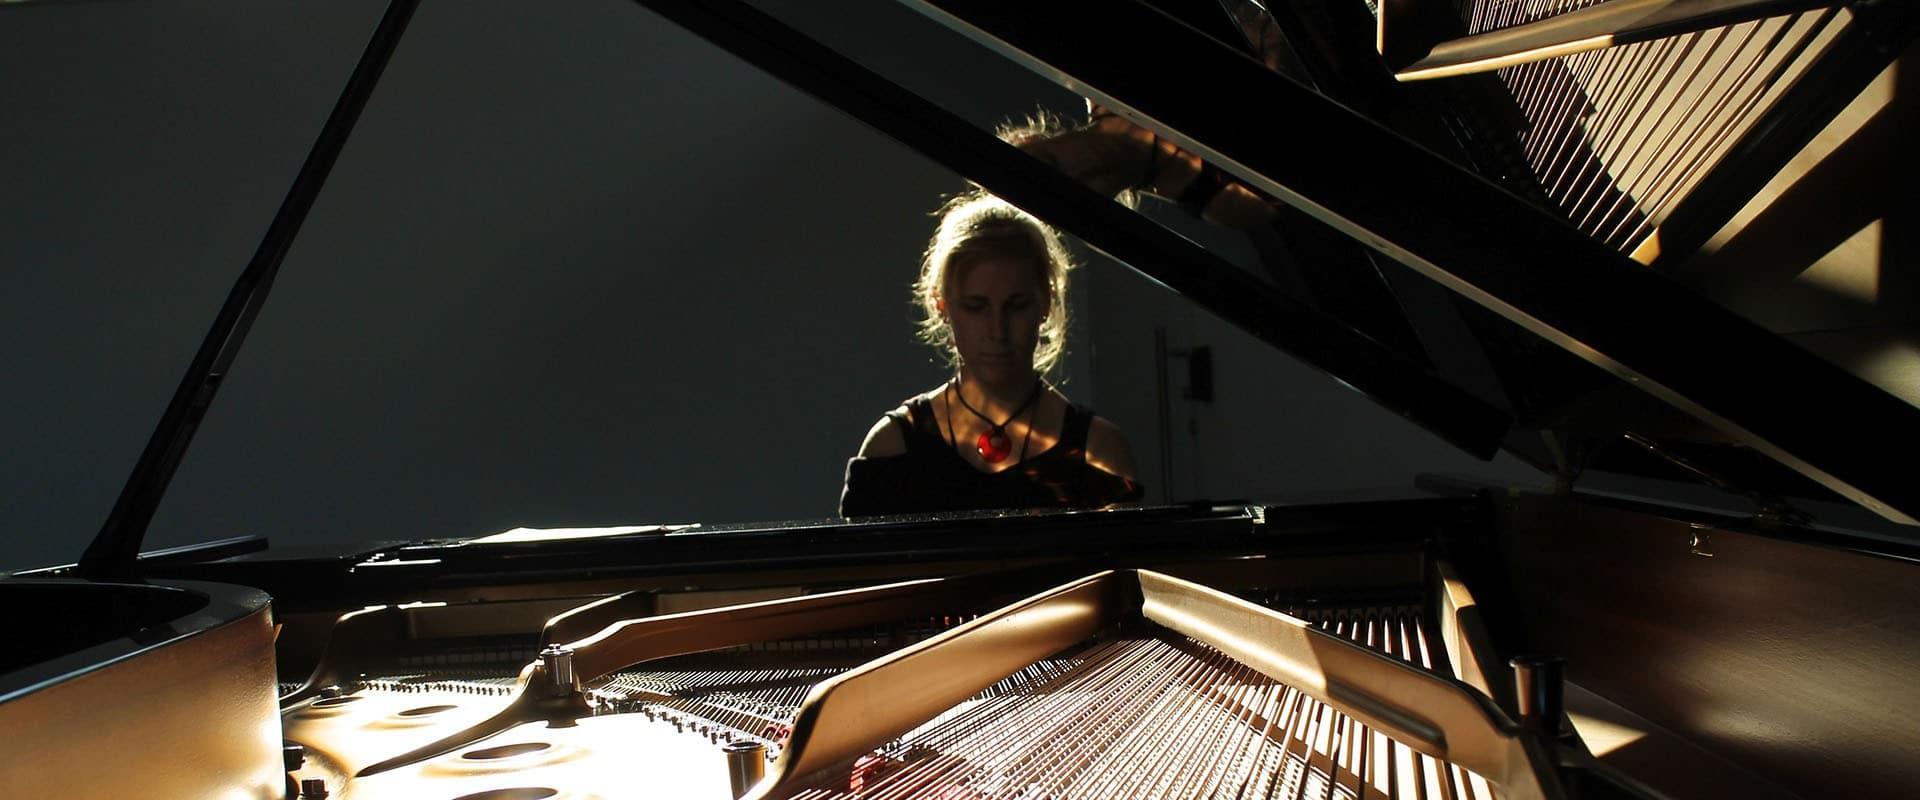 Mäntän Musiikkijuhlat (c) Anni Kaartinen